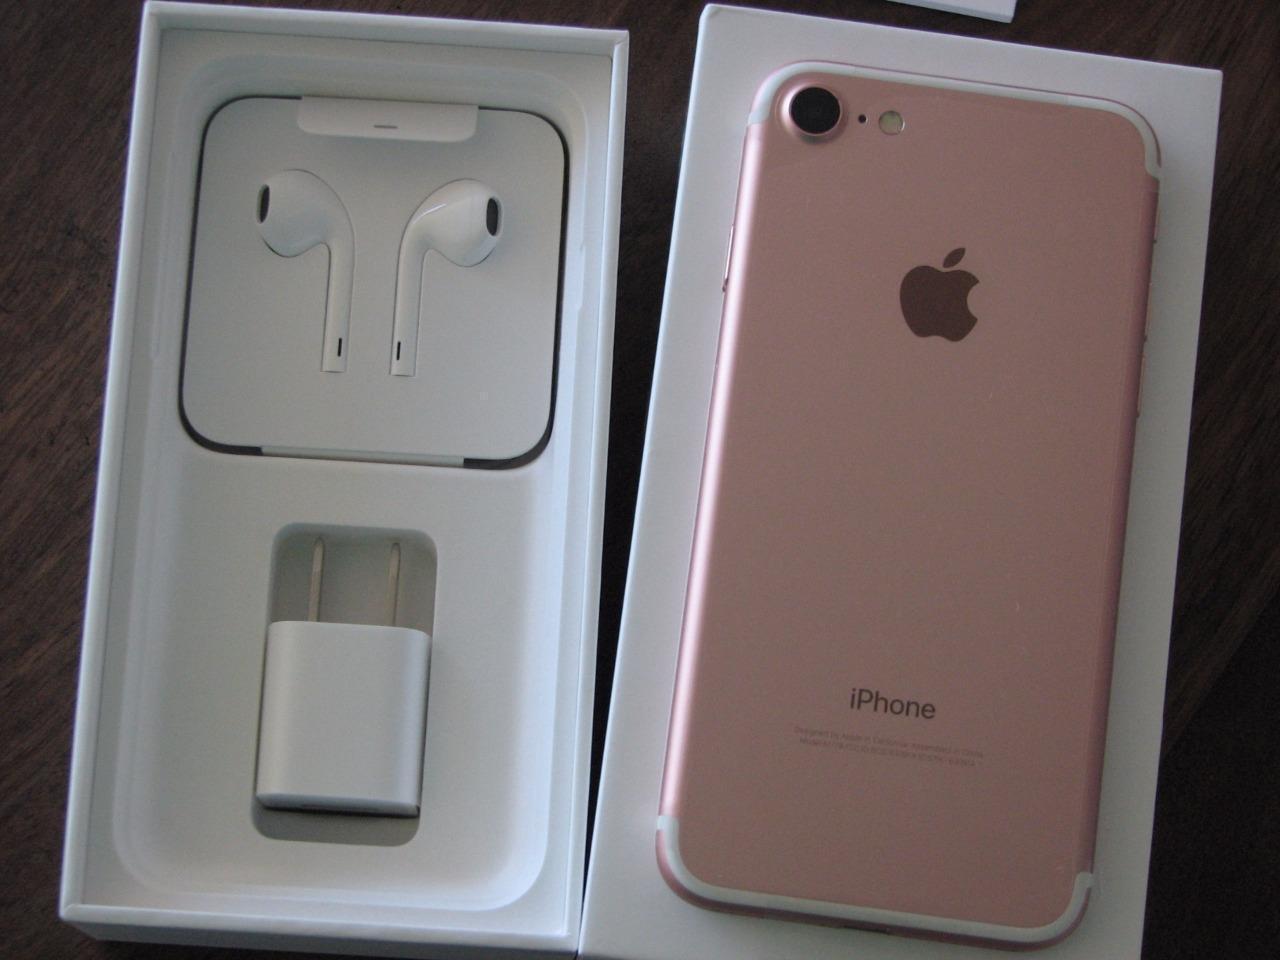 apple iphone 7 32gb rose gold. Black Bedroom Furniture Sets. Home Design Ideas